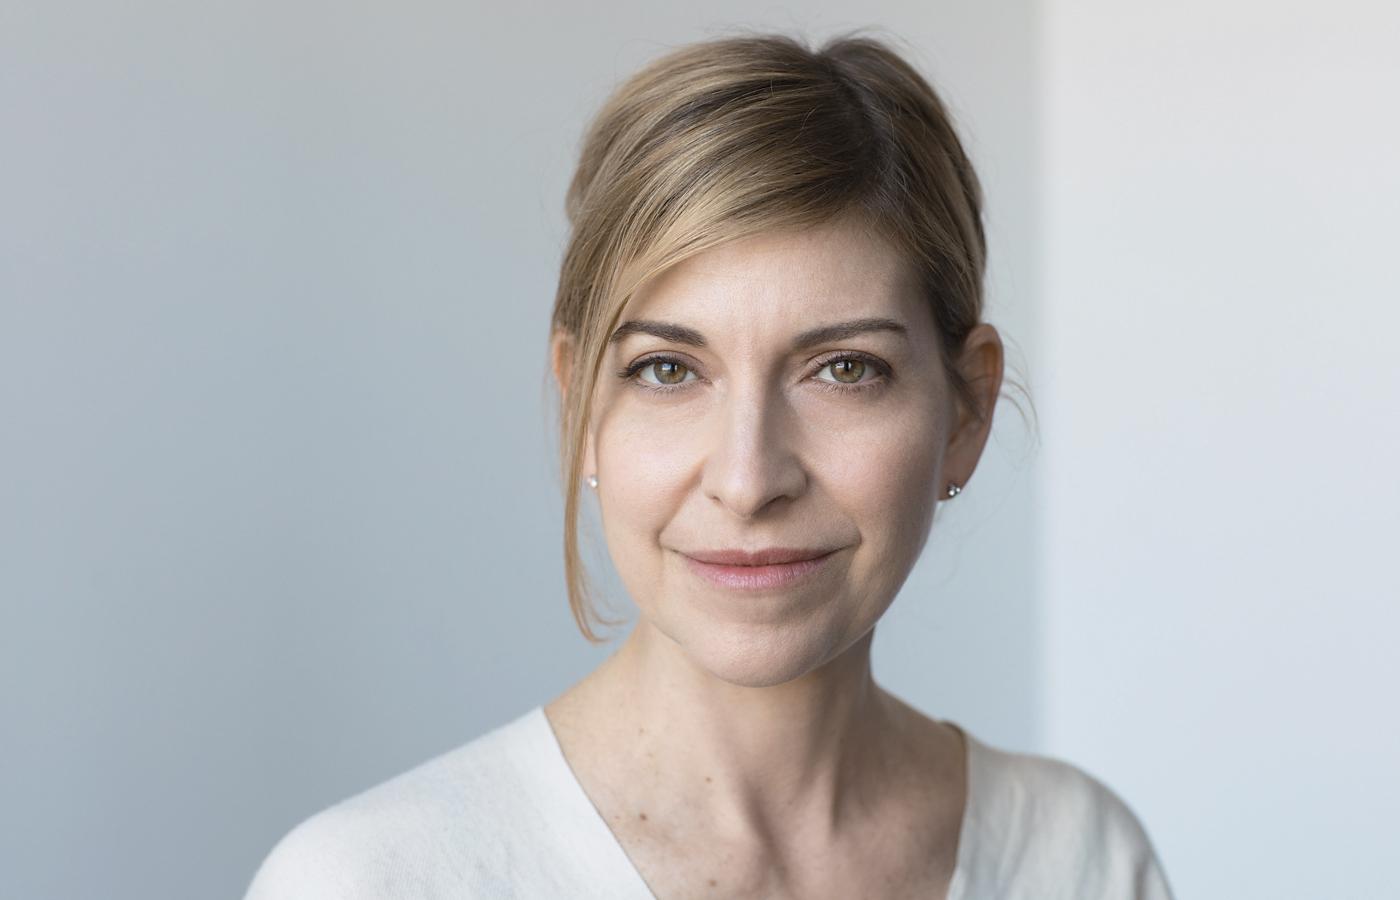 Julie Orringer by Brigitte Lacombe